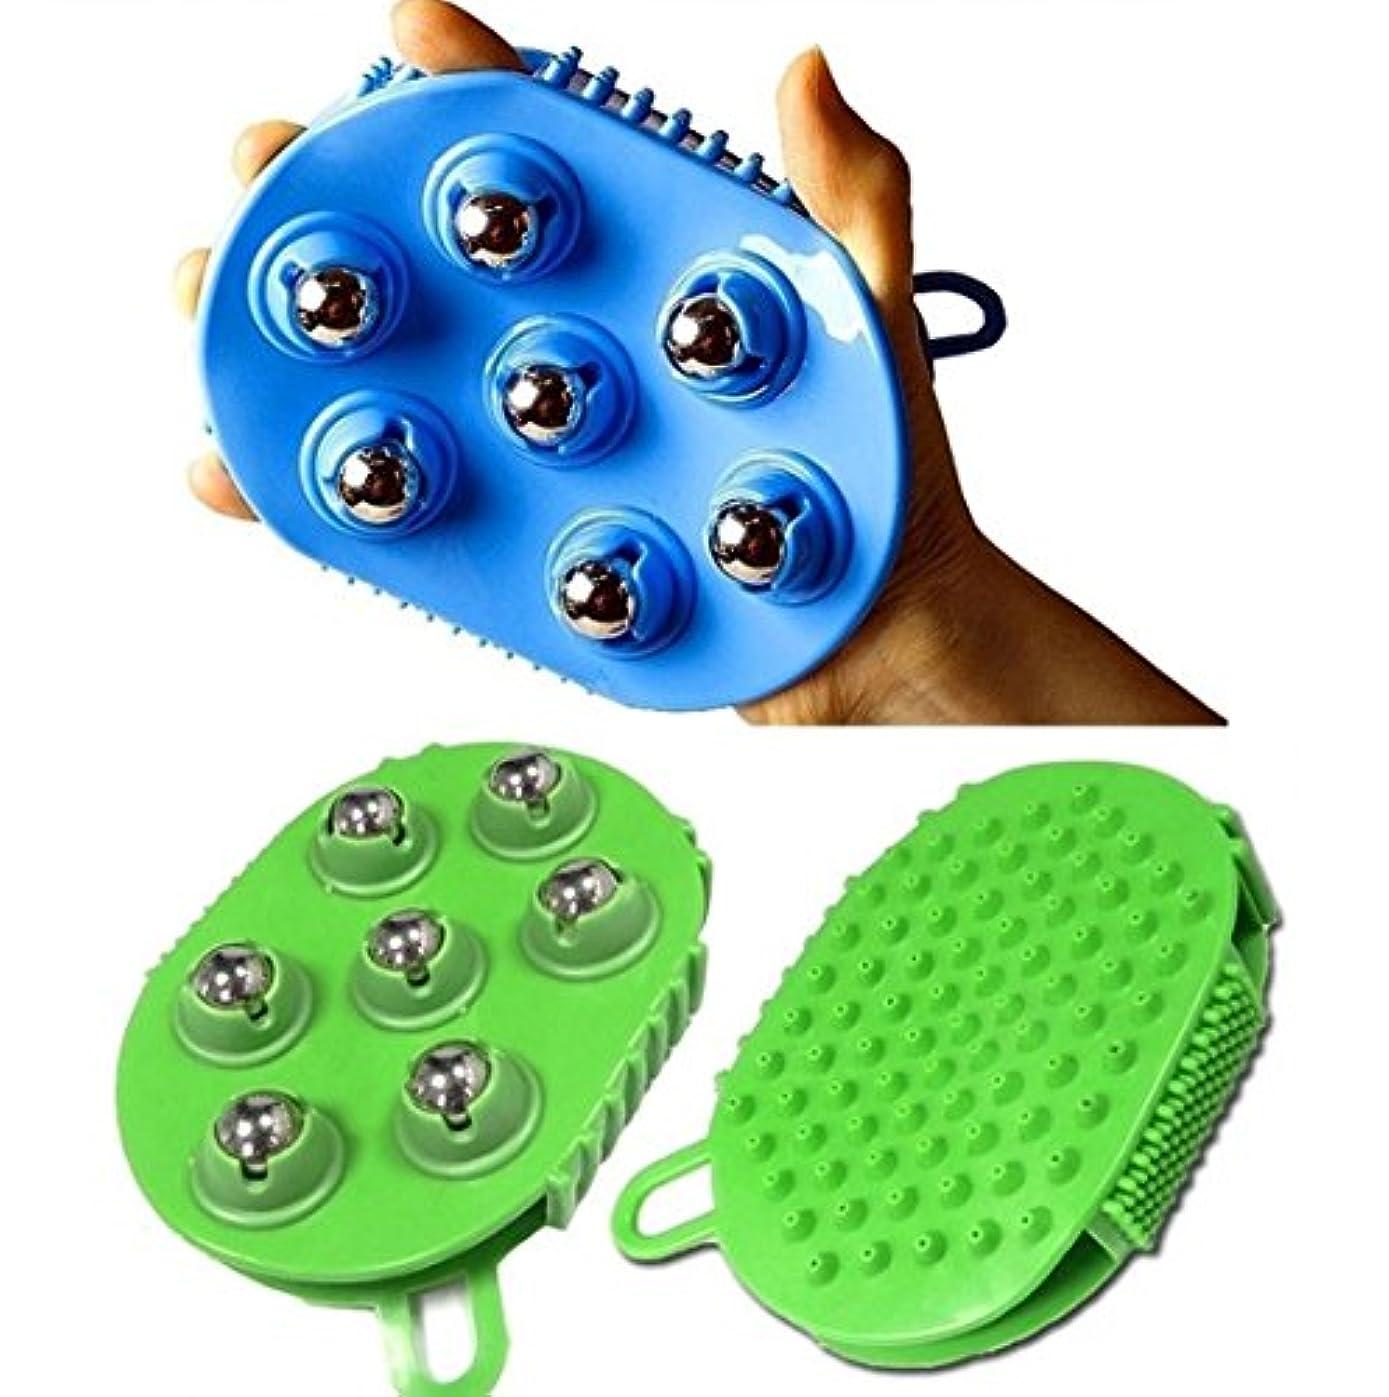 溝手首ガチョウステンレススチールボールマッサージブラシグローブ7ローリング 360度回転 / Stainless steel Ball Massage Brush Glove 7 Rolling 360 degree rotation...